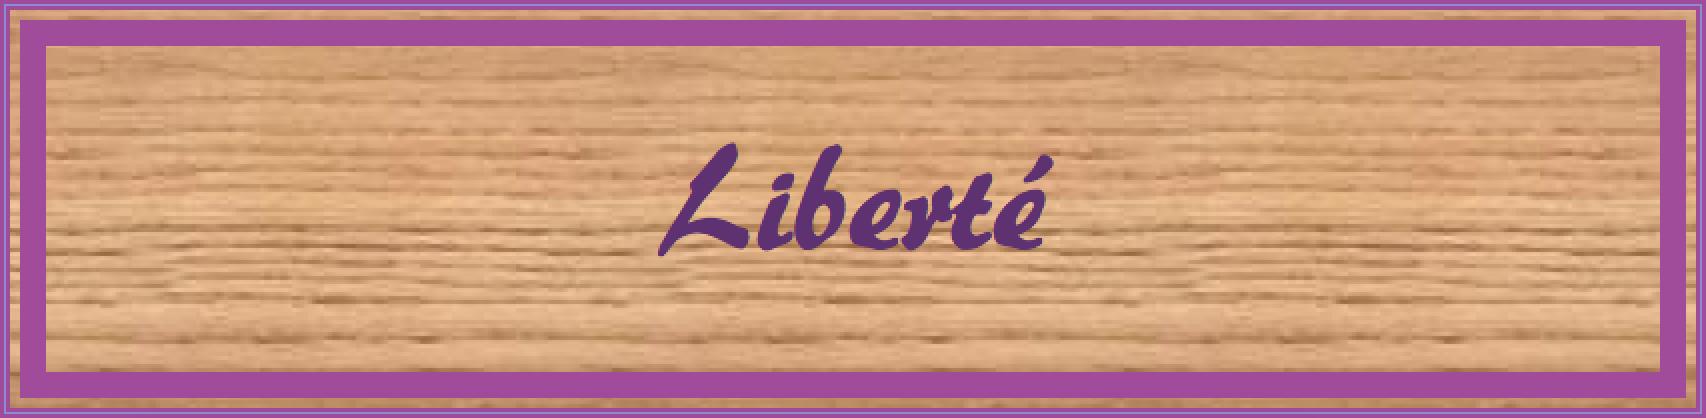 Bouton Carnet de sagesse 5 Bioode Angers